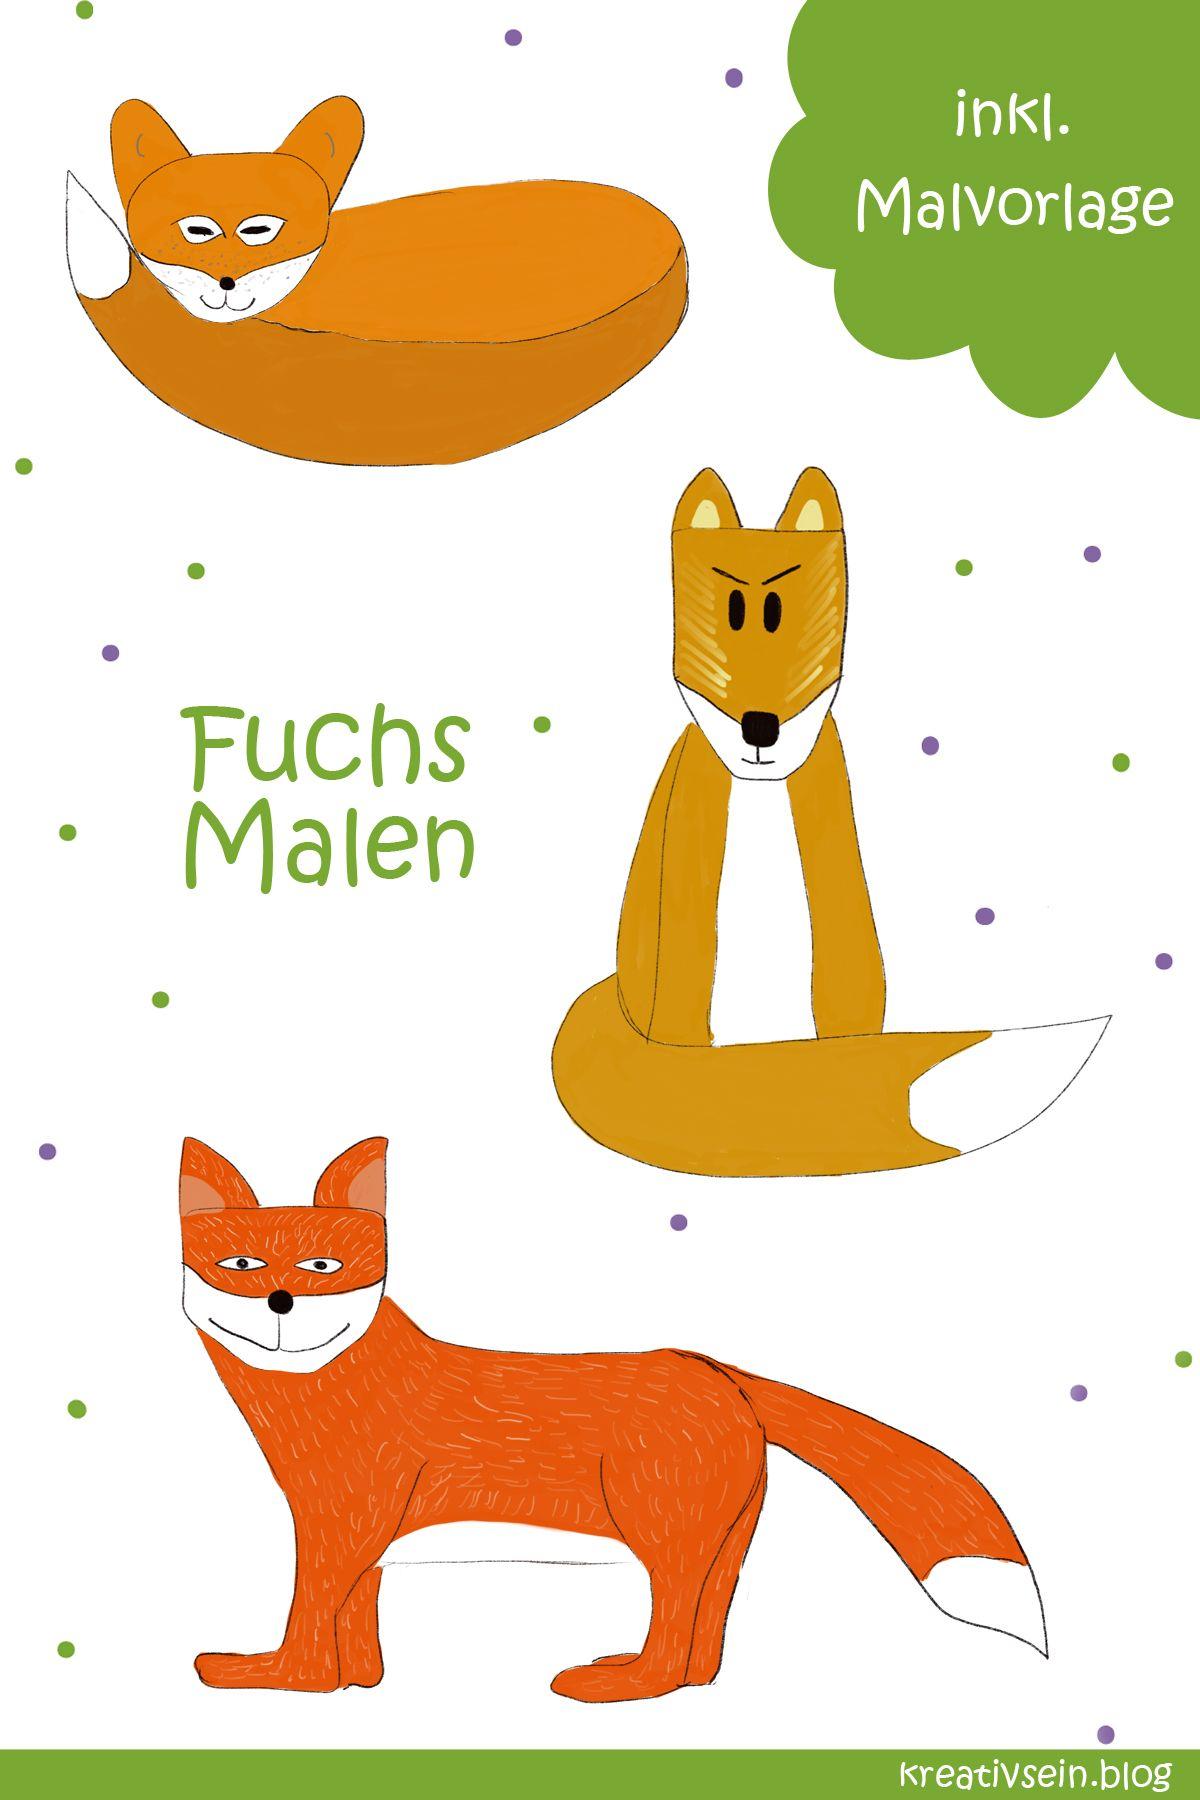 Fuchs Malen: Mit Vorlage geht es ganz einfach!  Tiere malen